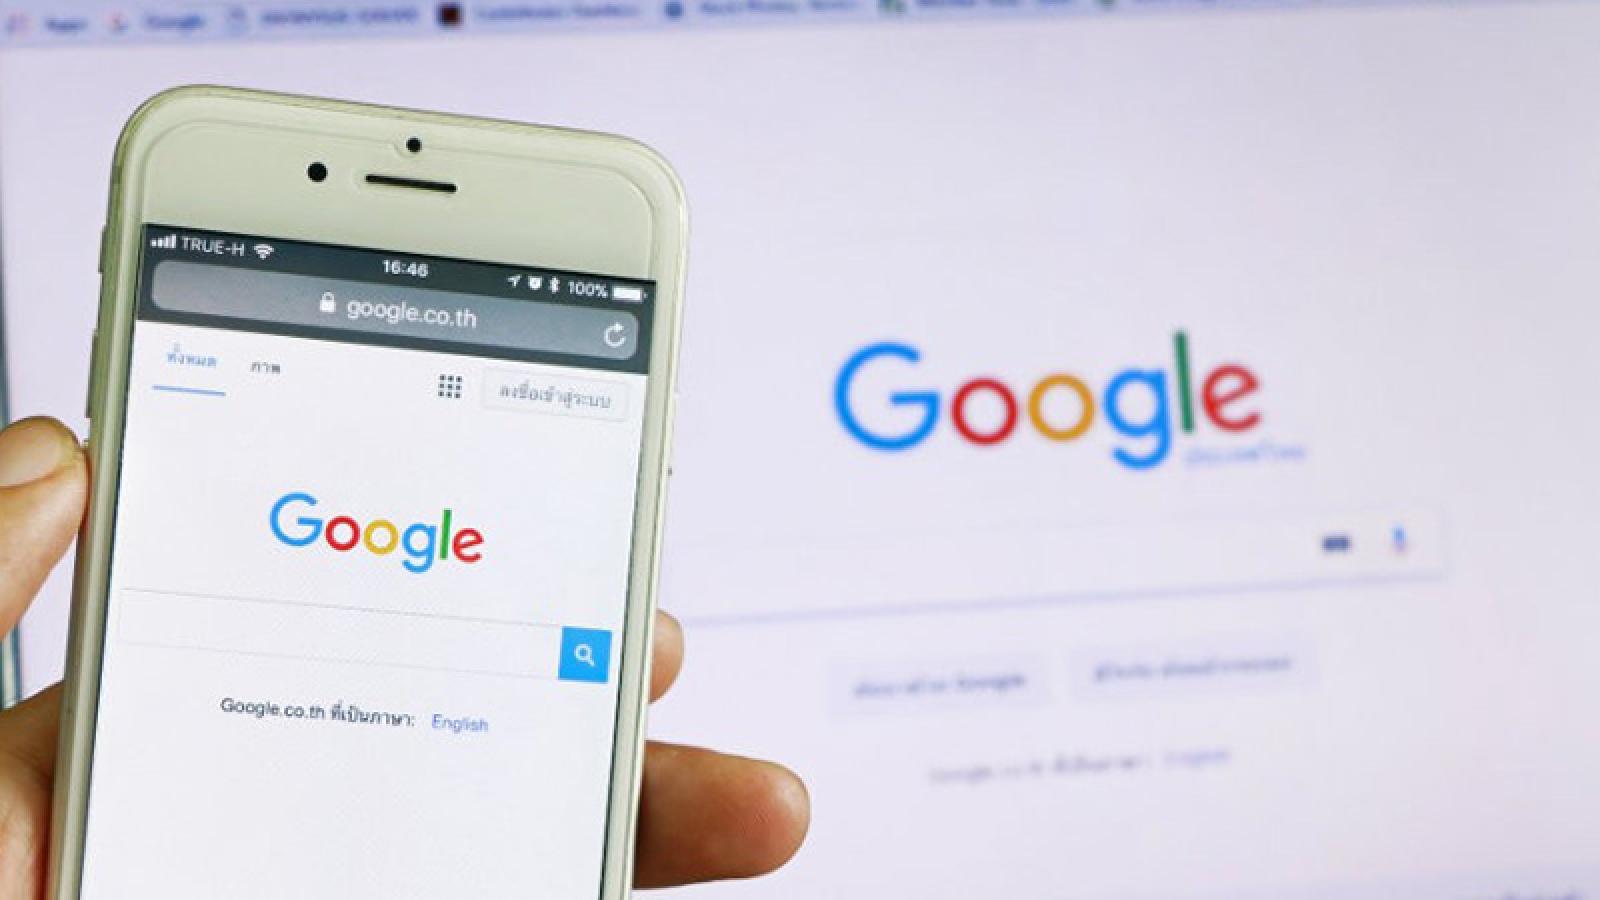 Google tin thiết kế lại Google Search sẽ làm tổn hại Internet